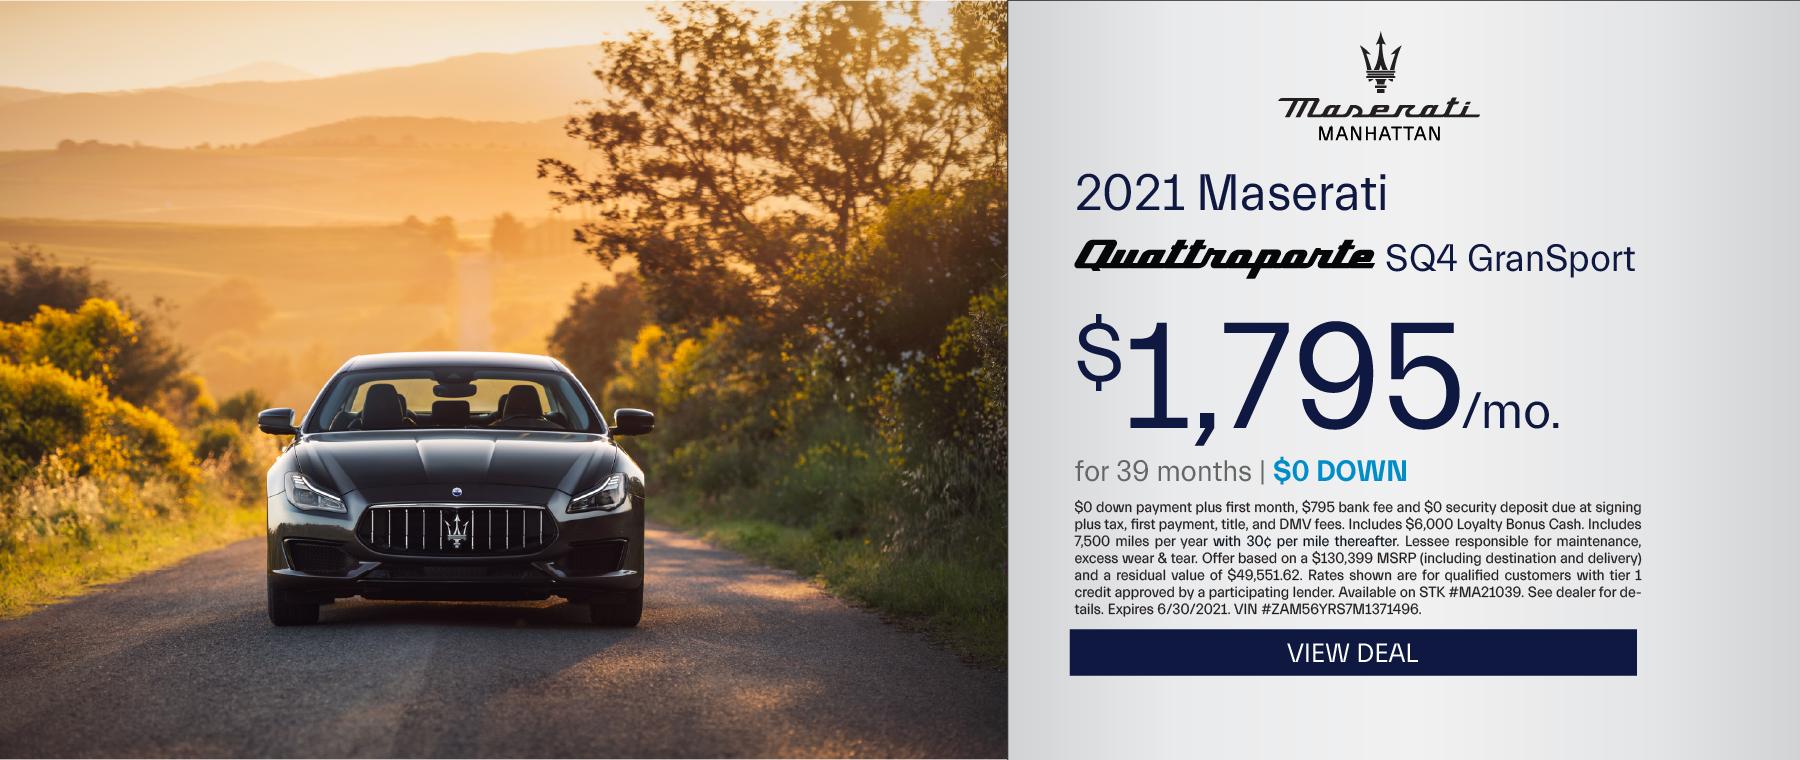 Maserati of Manhattan – 2021 Quattroporte – June 2021